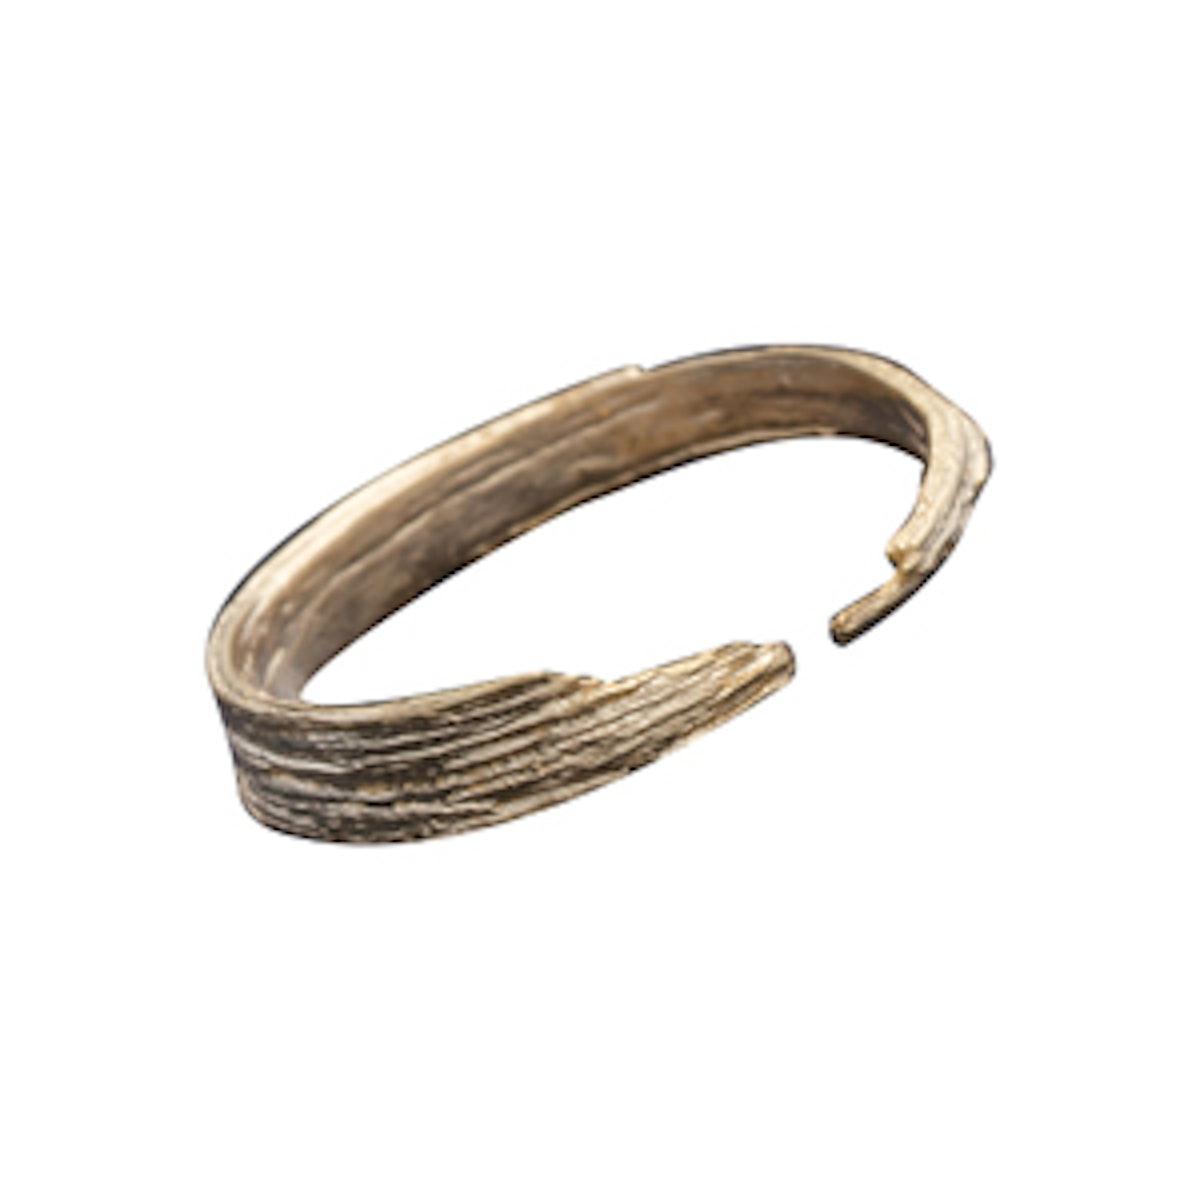 Shard Band Ring